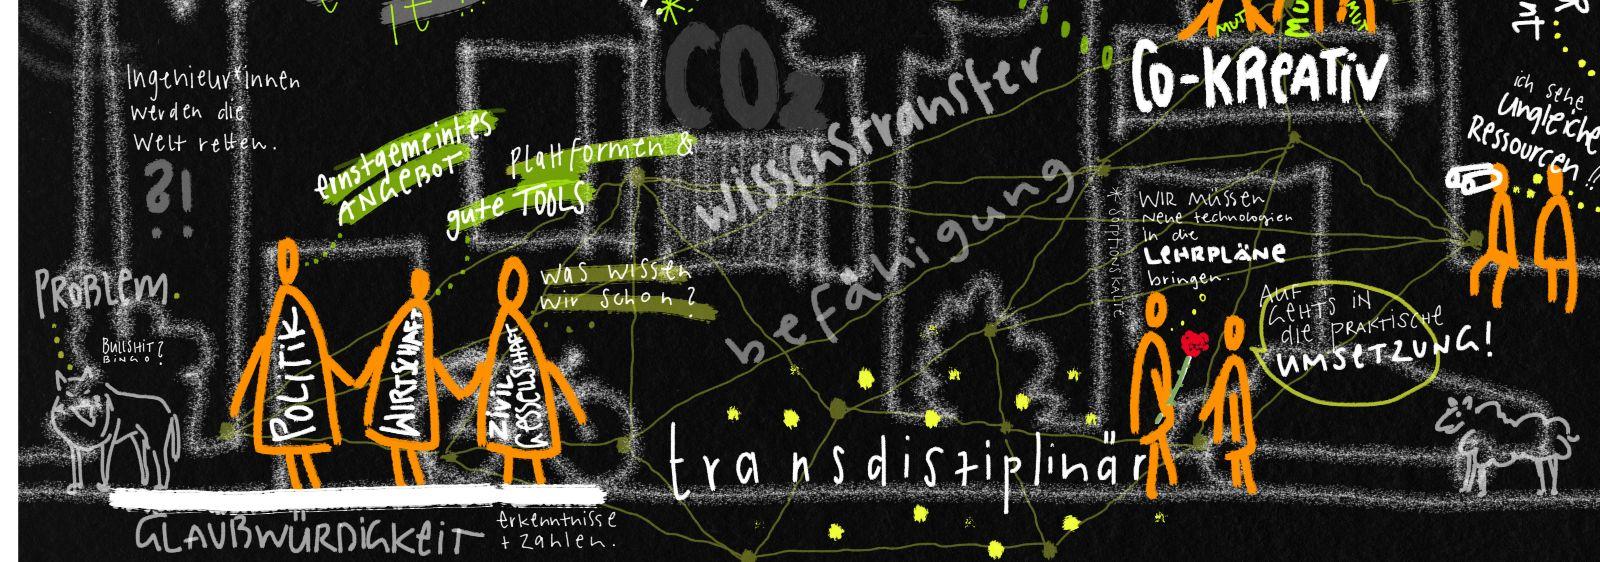 Diese grafische Visualisierung gibt einen ersten Einblick in die diskutierten Themen des Projektleitungstreffen.